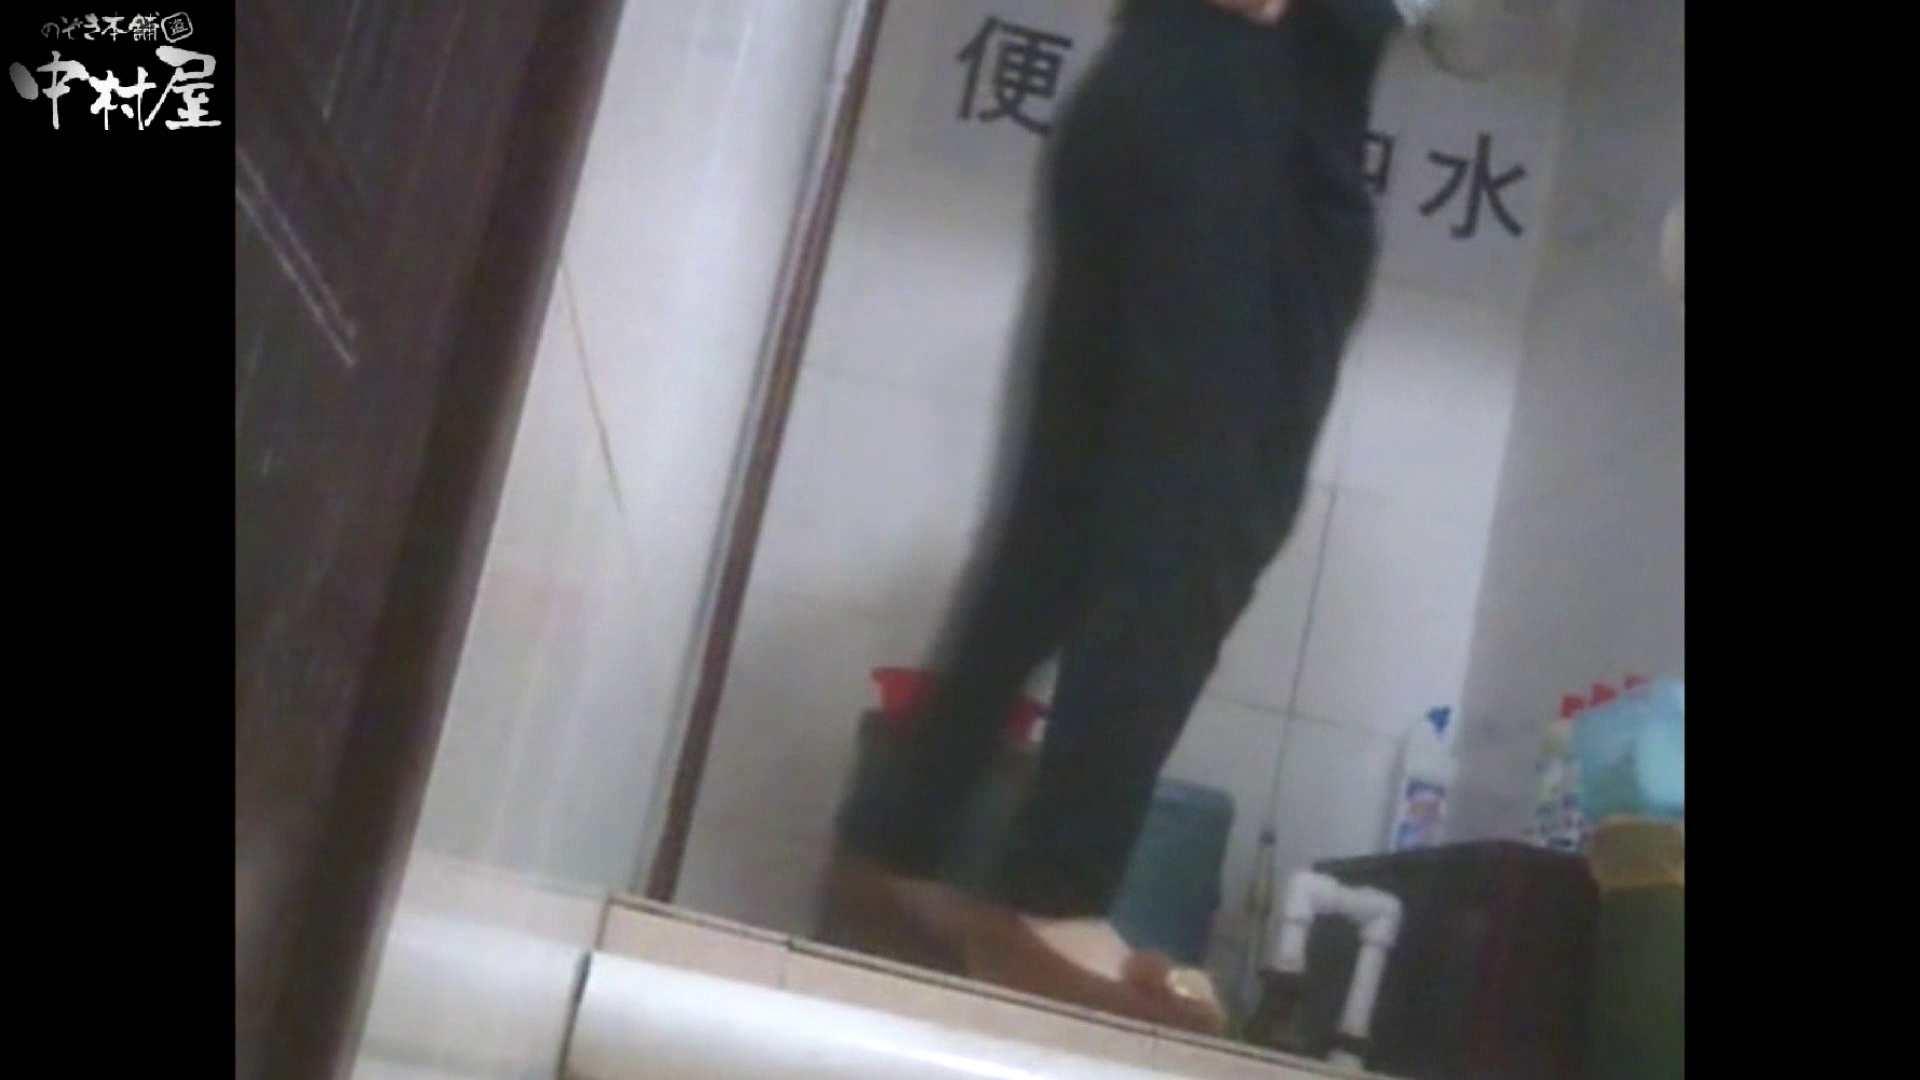 李さんの盗撮日記 Vol.13 OLのエロ生活 セックス画像 43連発 17